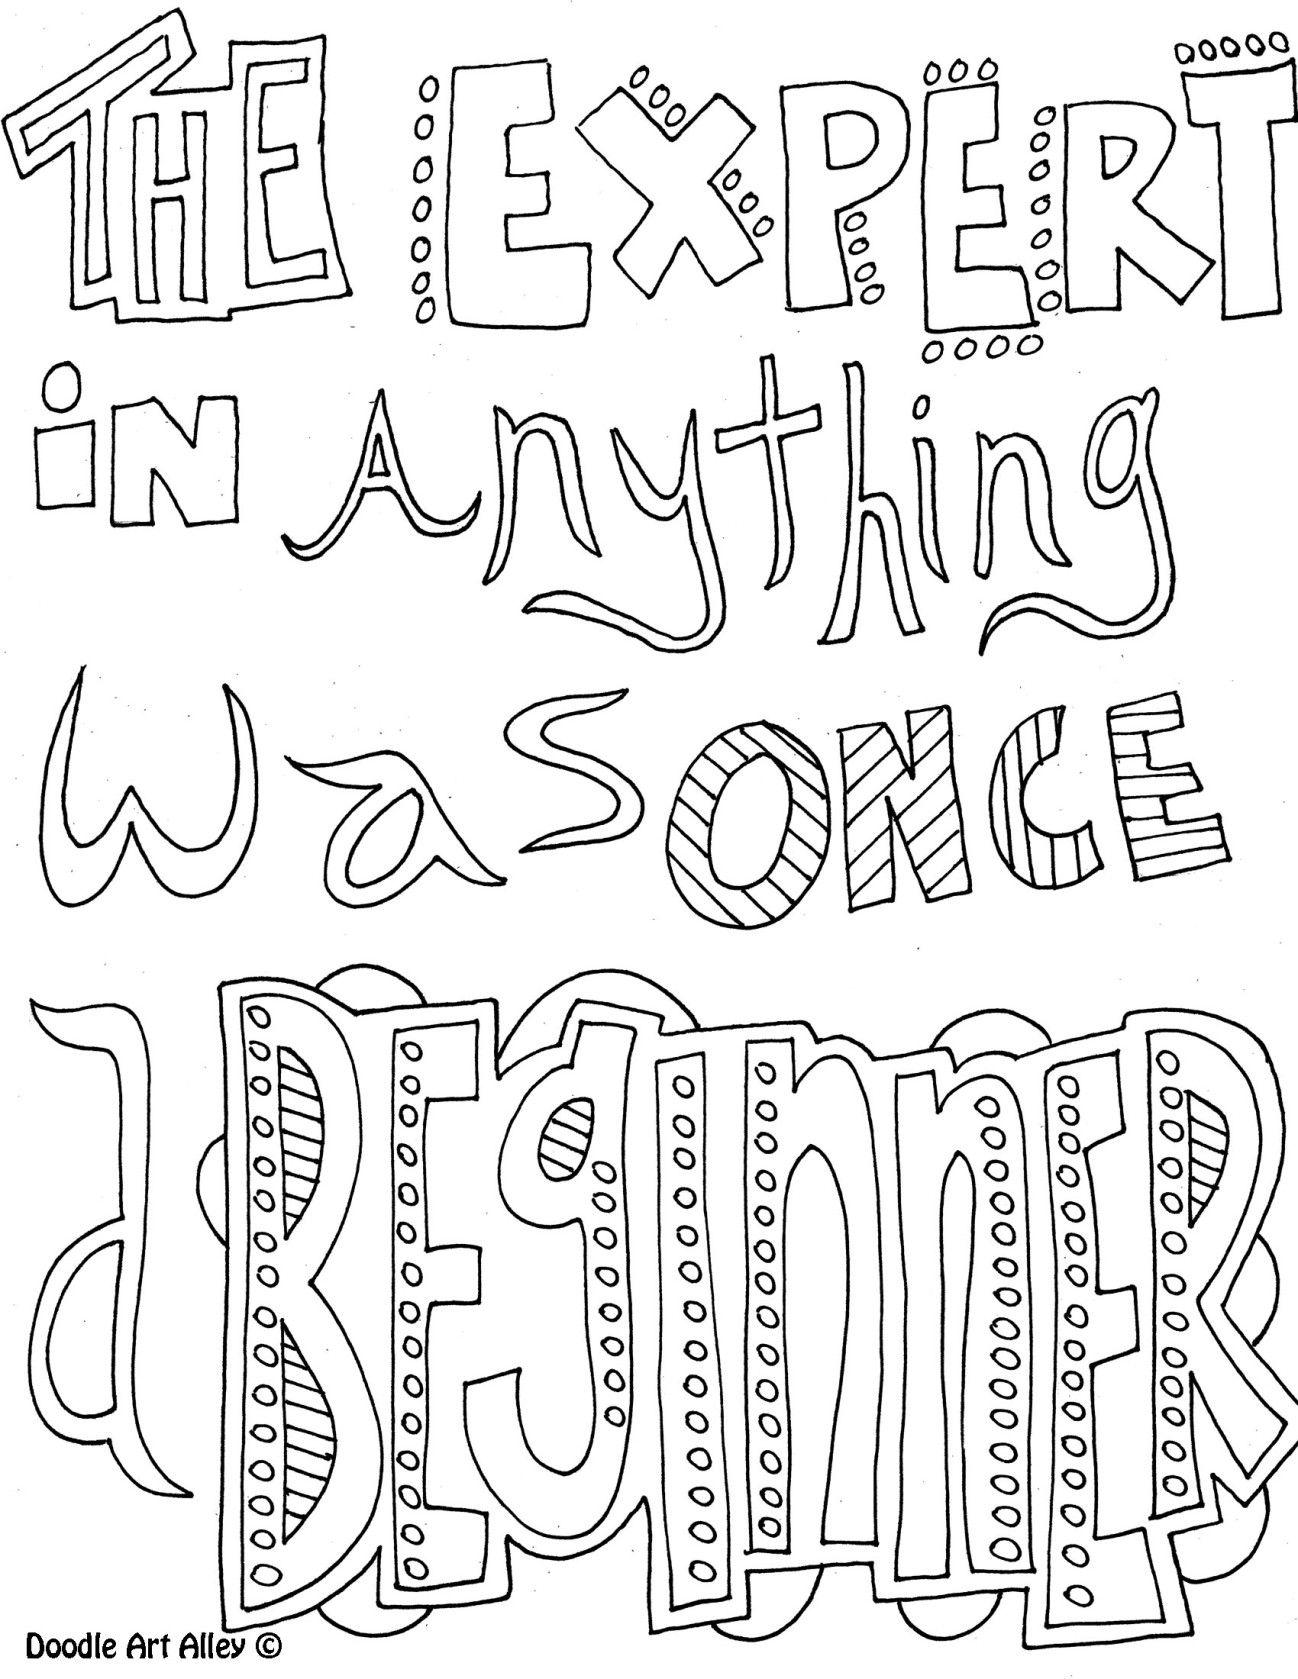 expertbeginner.jpg | Music-inspirational quotes | Pinterest